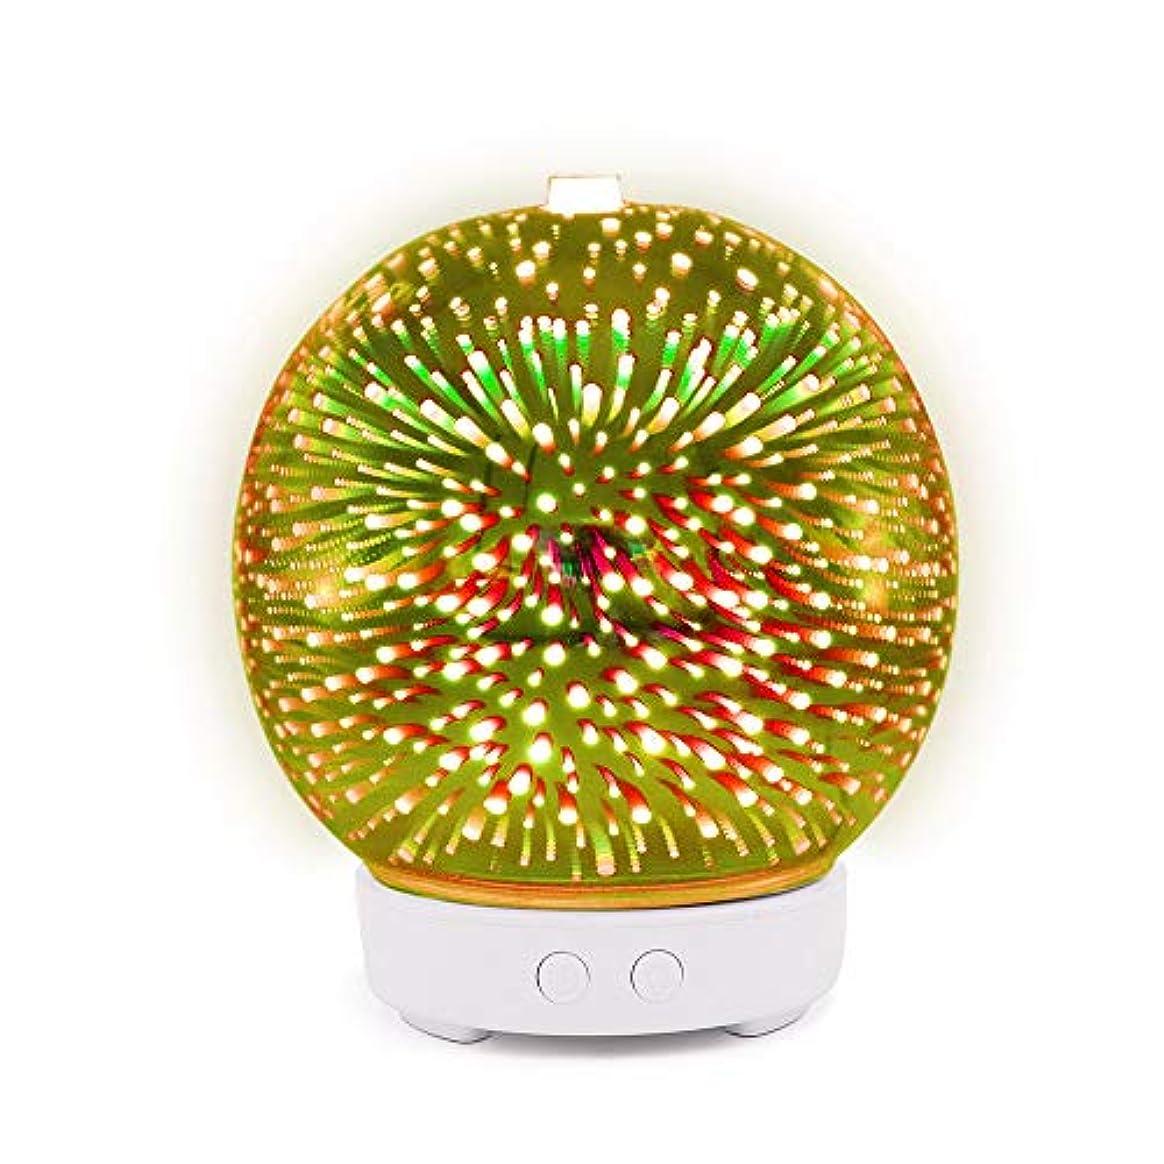 ミニ思想曲線Decdeal アロマディフューザー 3D ガラス アロマセラピー 加湿器 7色LEDライト付き 自動シャットオフ